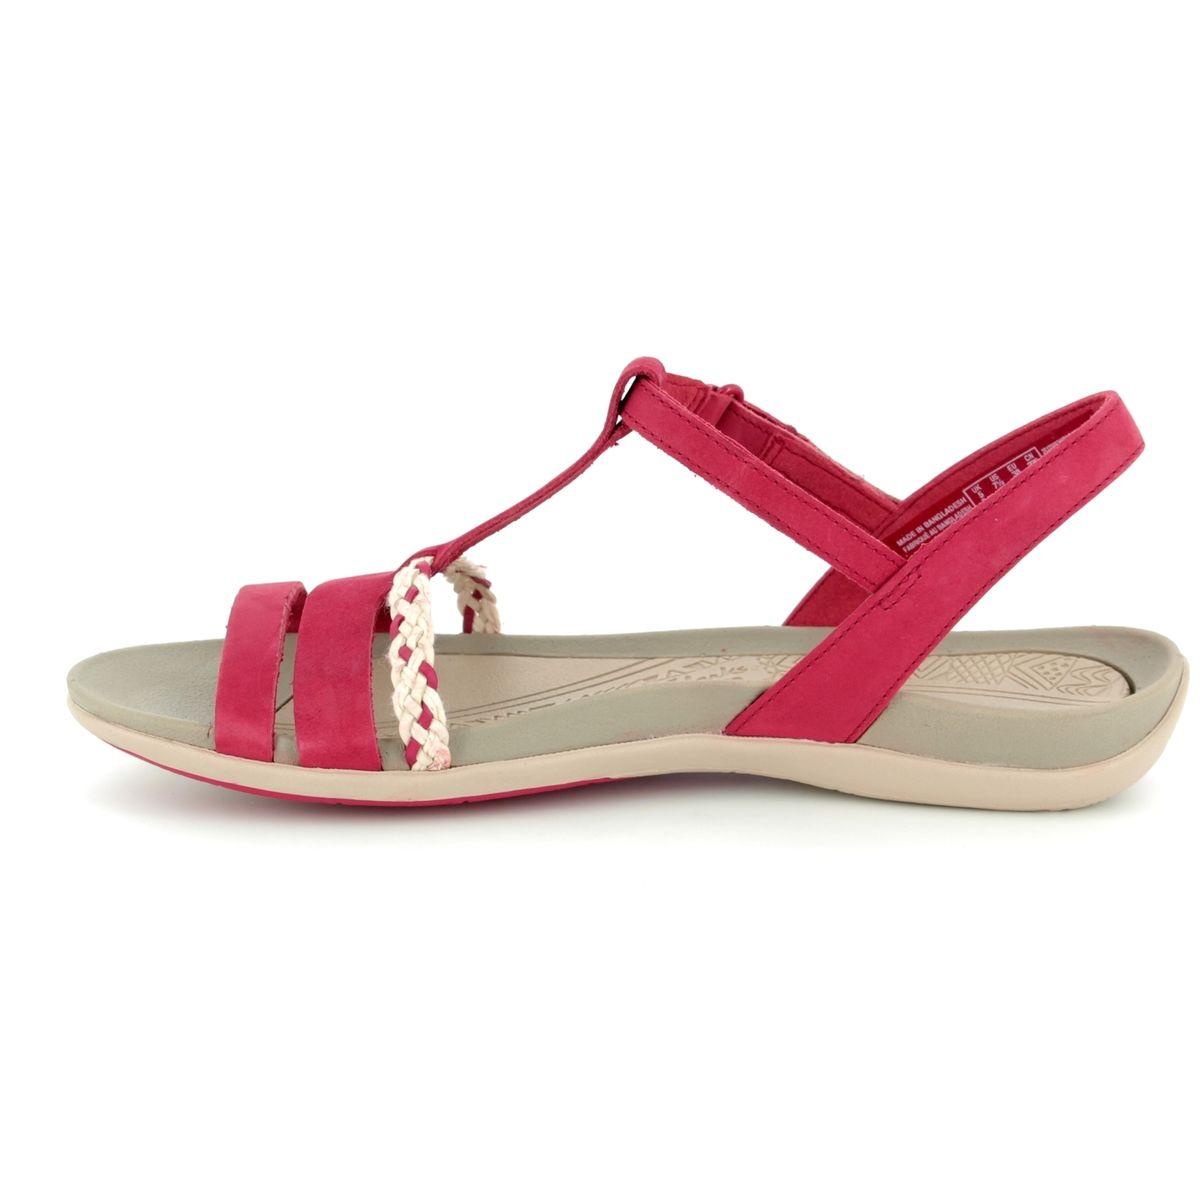 7e025009c709 Clarks Sandals - Red - 2389 24D TEALITE GRACE